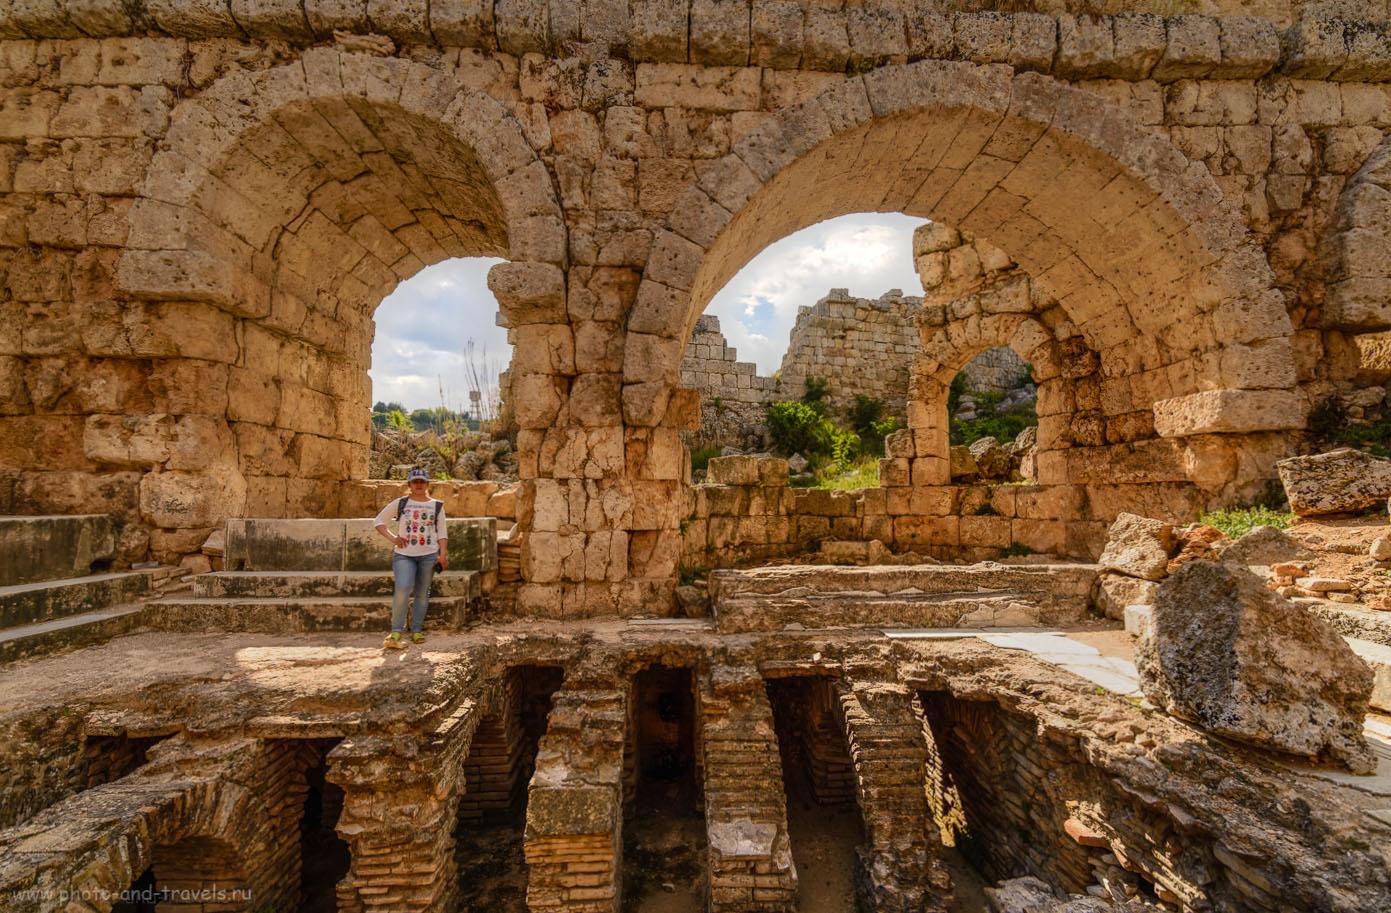 Фотография 30. Римские бани. Экскурсия в Перге. Поездка из Анталии по интересным местам в округе. HDR.